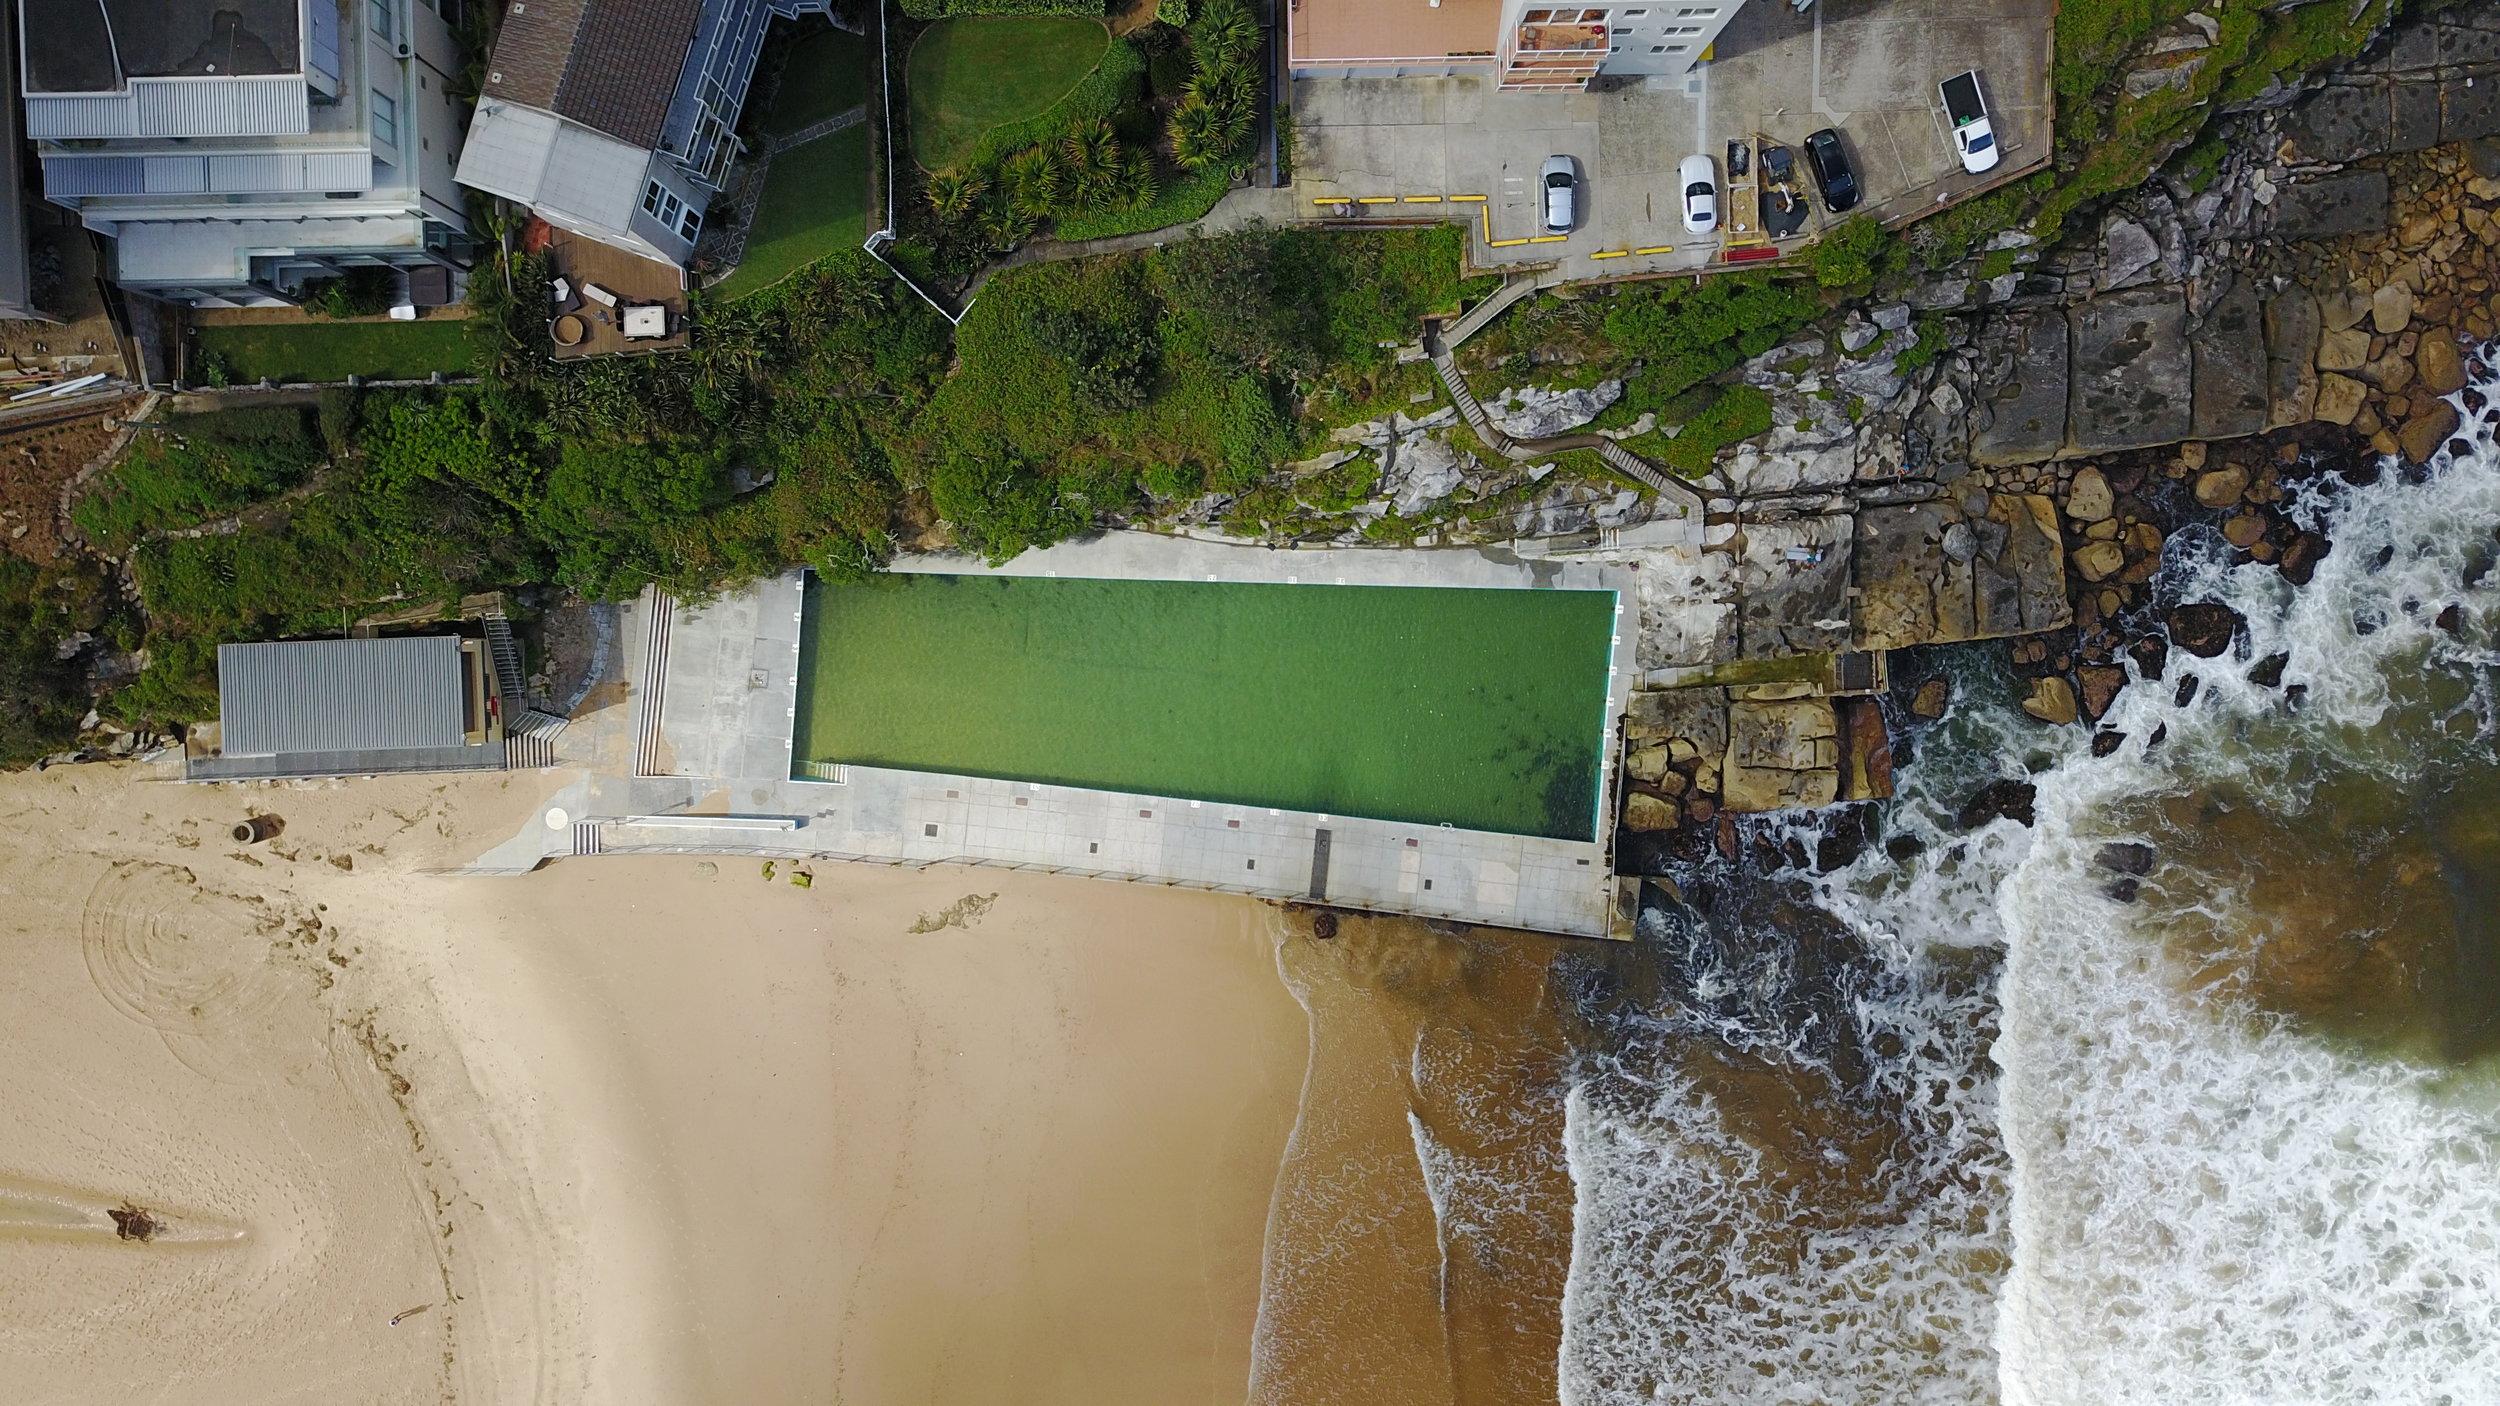 queenscliff - queenscliff ocean pool, nsw